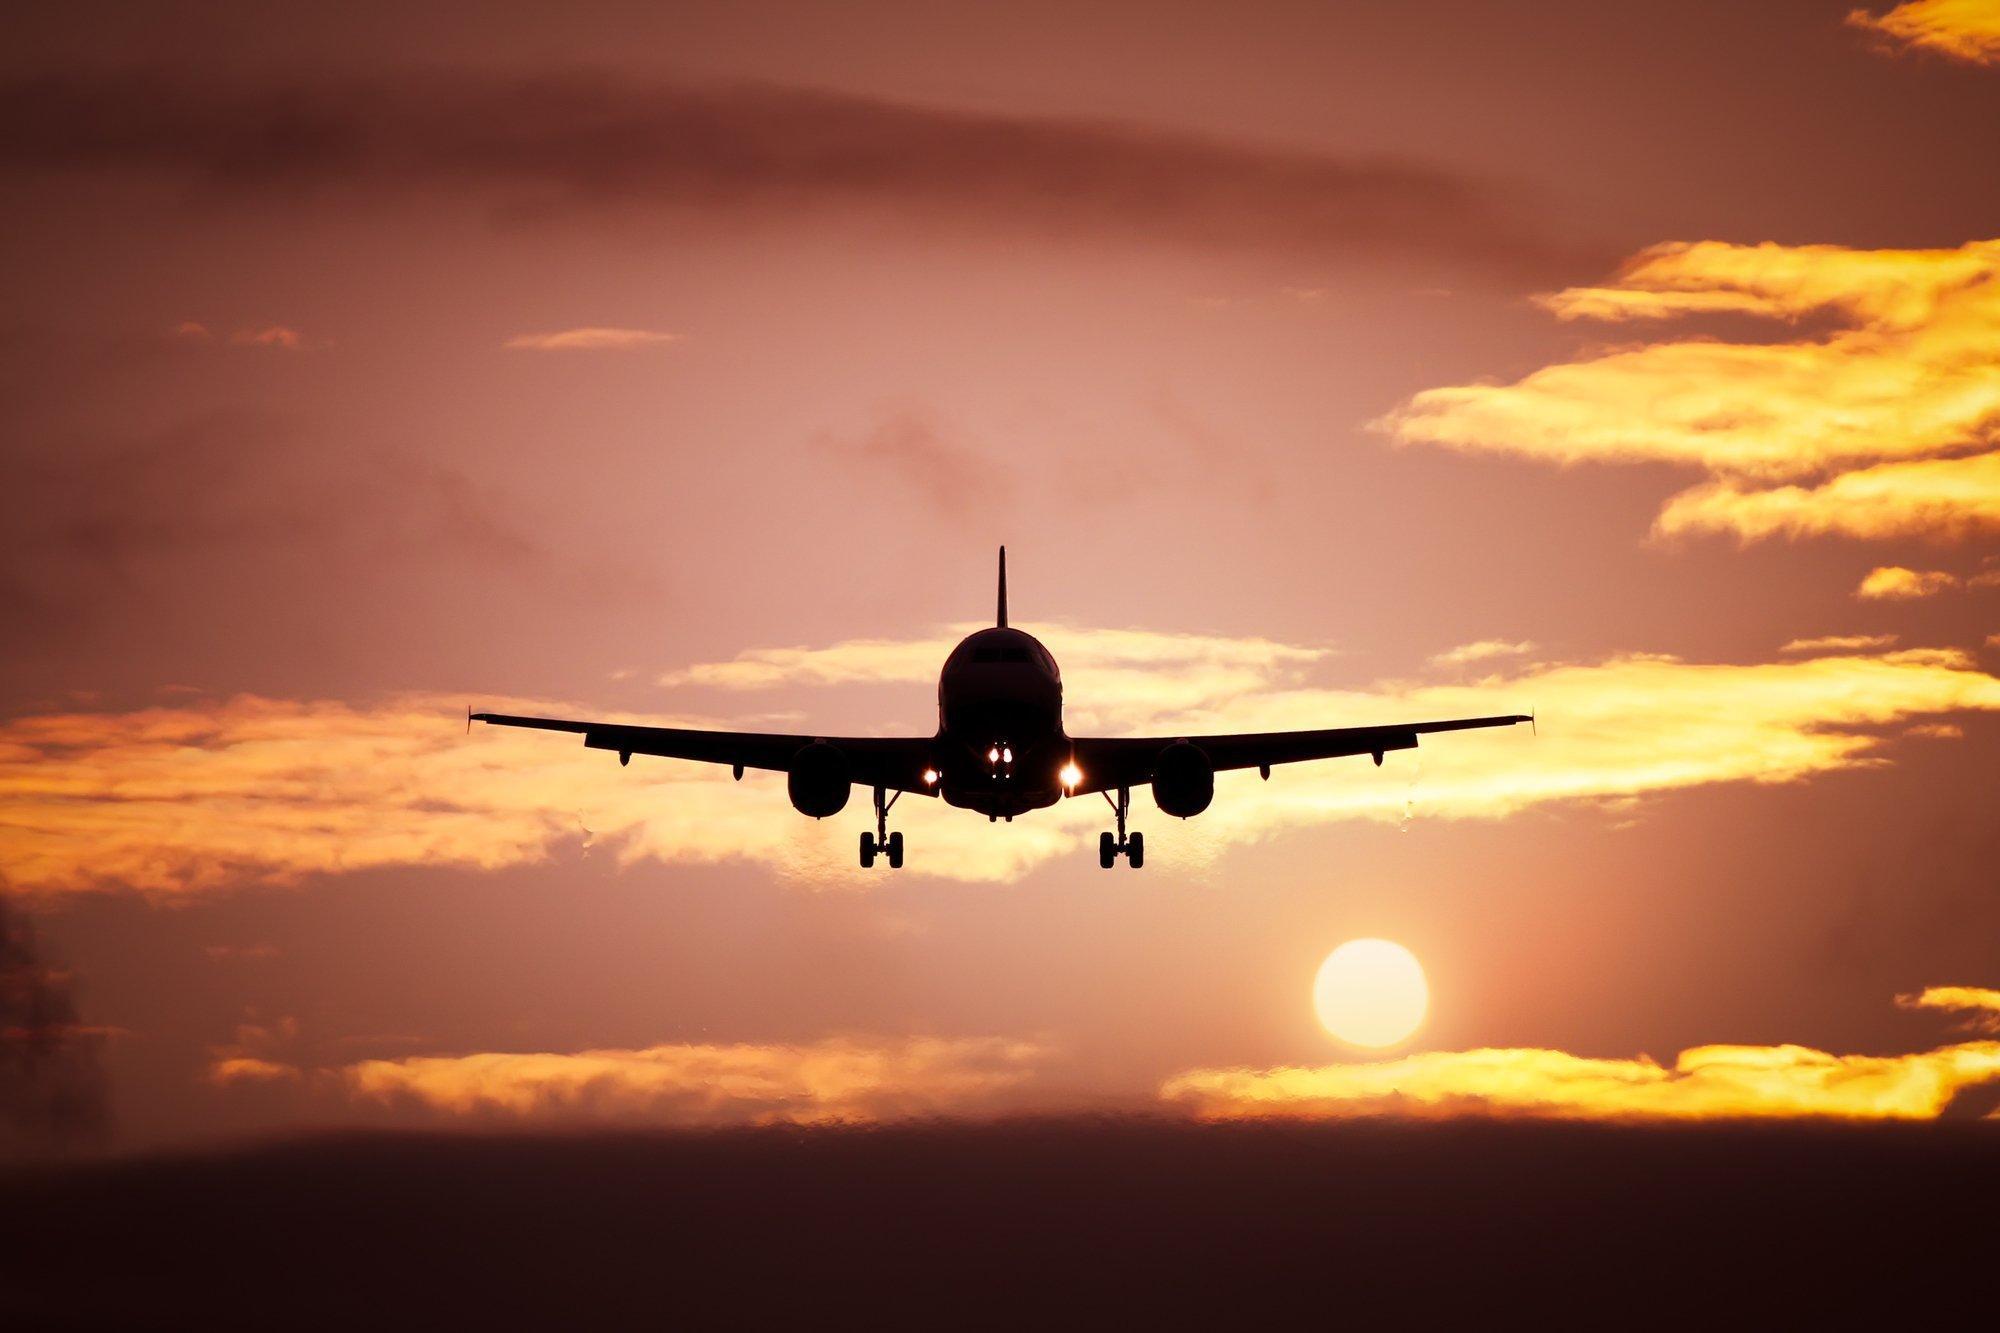 Ein Flugzeug im Start Richtung Sonnenuntergang.